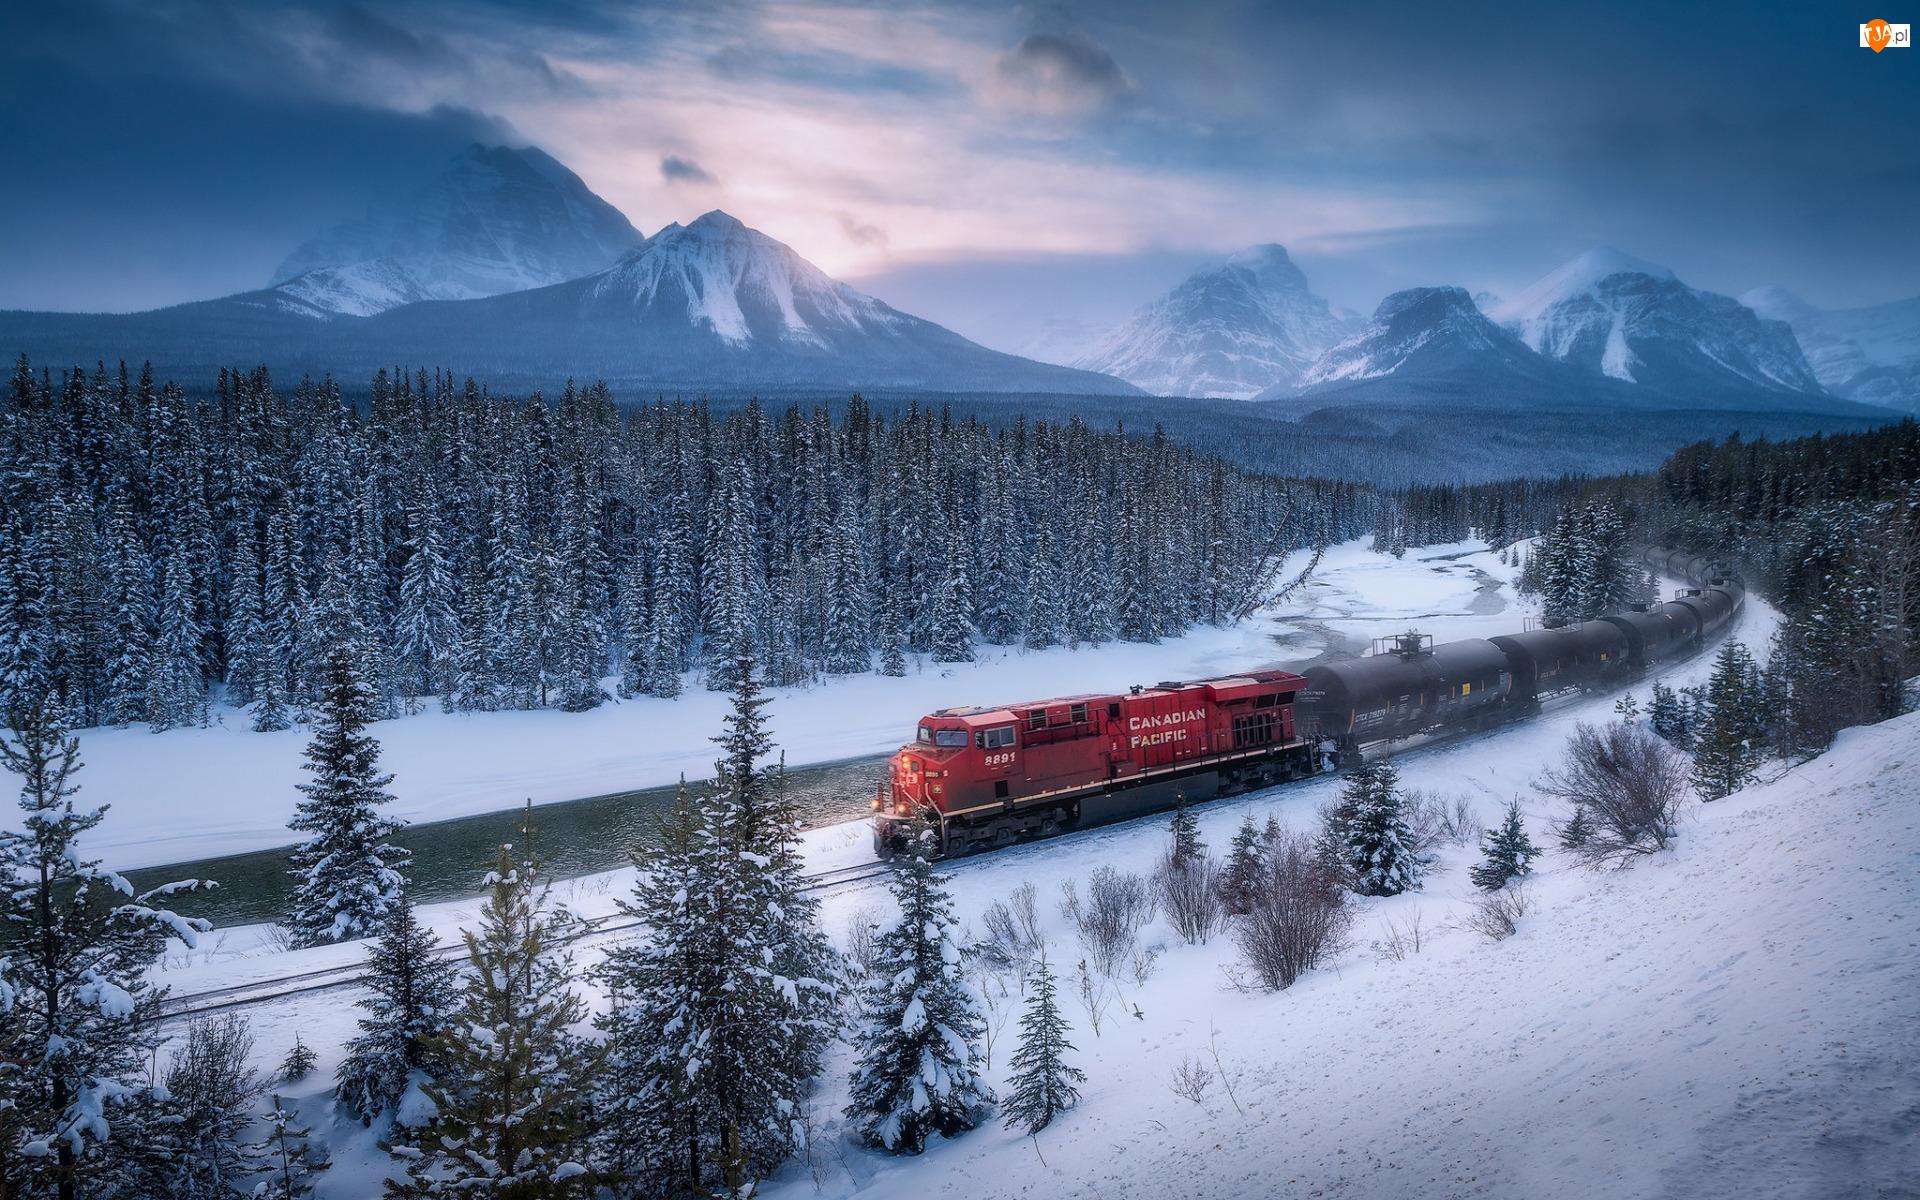 Chmury, Góry Skaliste, Śnieg, Kanada, Zima, Park Narodowy Banff, Bow River, Lasy, Rzeka, Pociąg, Drzewa, Alberta